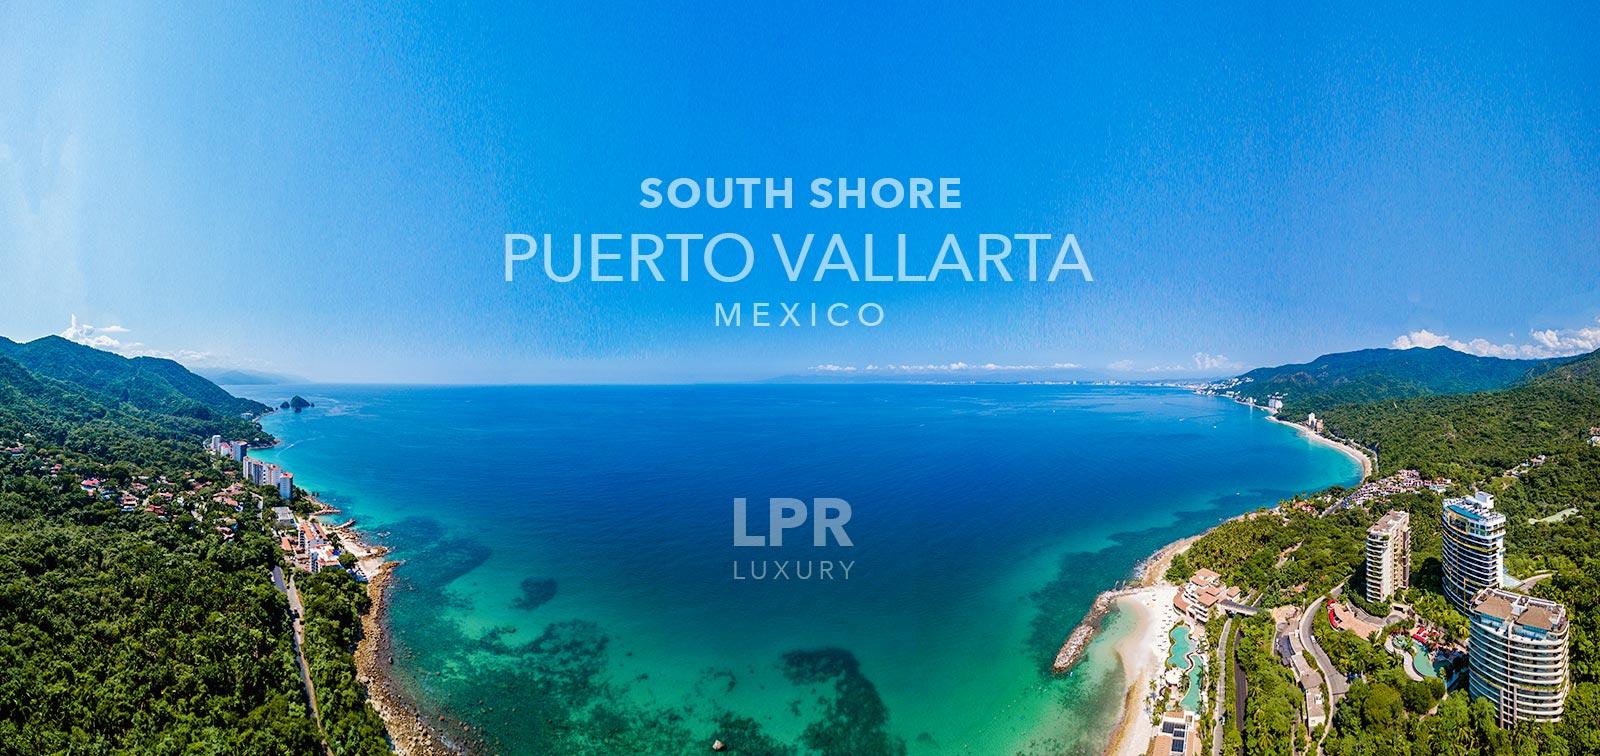 South Shore Puerto Vallarta - Real Estate & Vacation Rentals - LPR Luxury Mexico